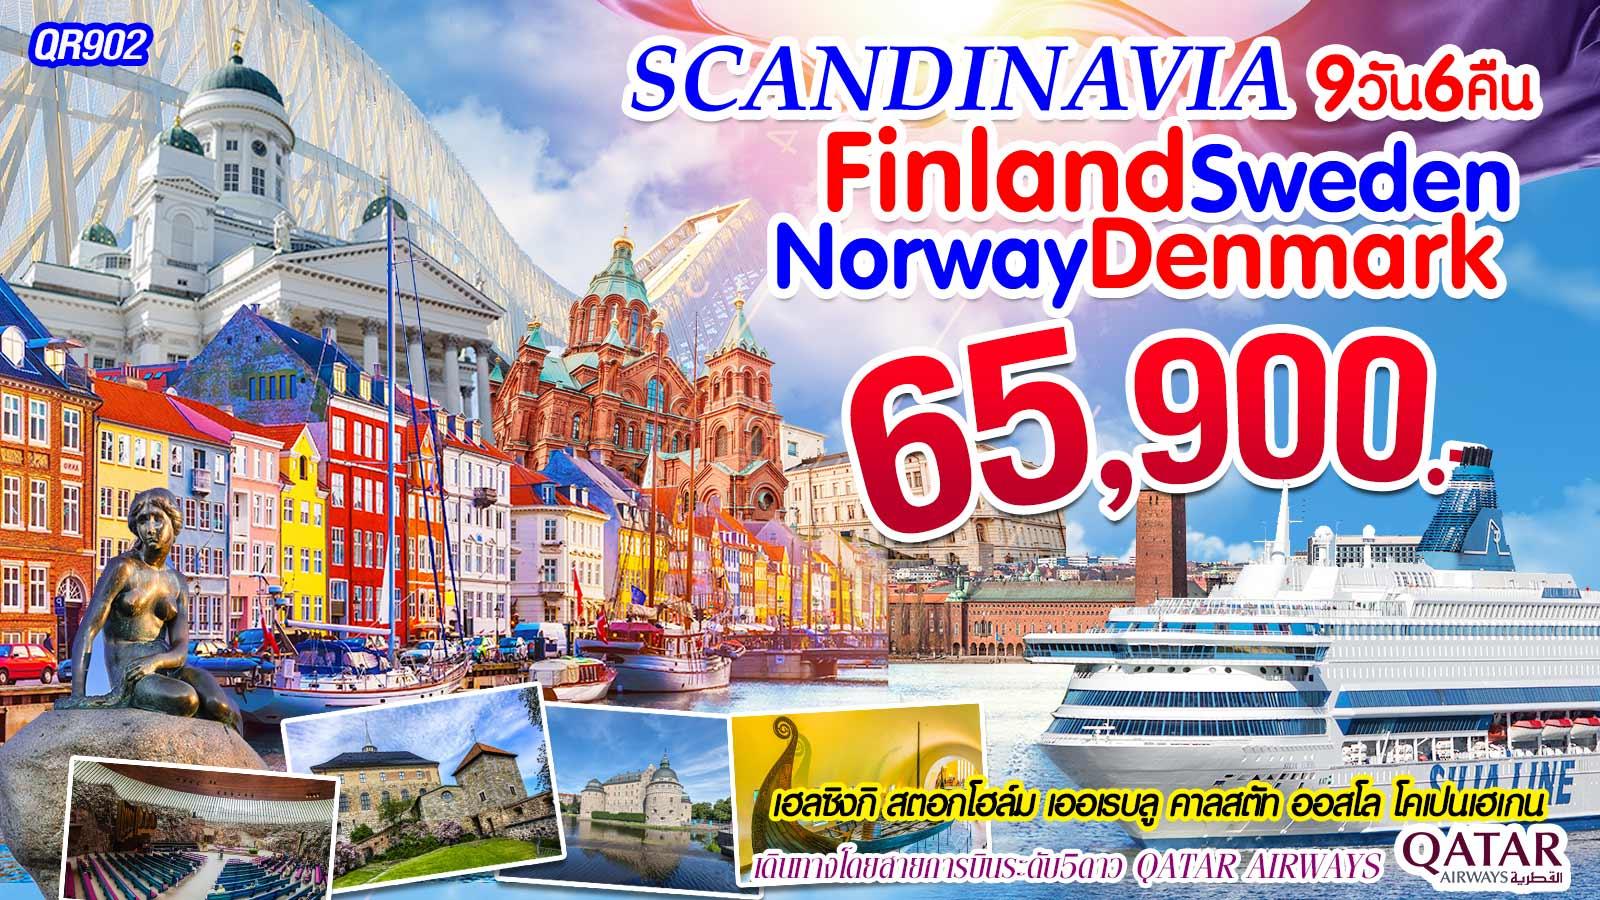 QR902 SCANDINAVIA FINLAND SWEDEN NORWAY DENMARK 9D6N